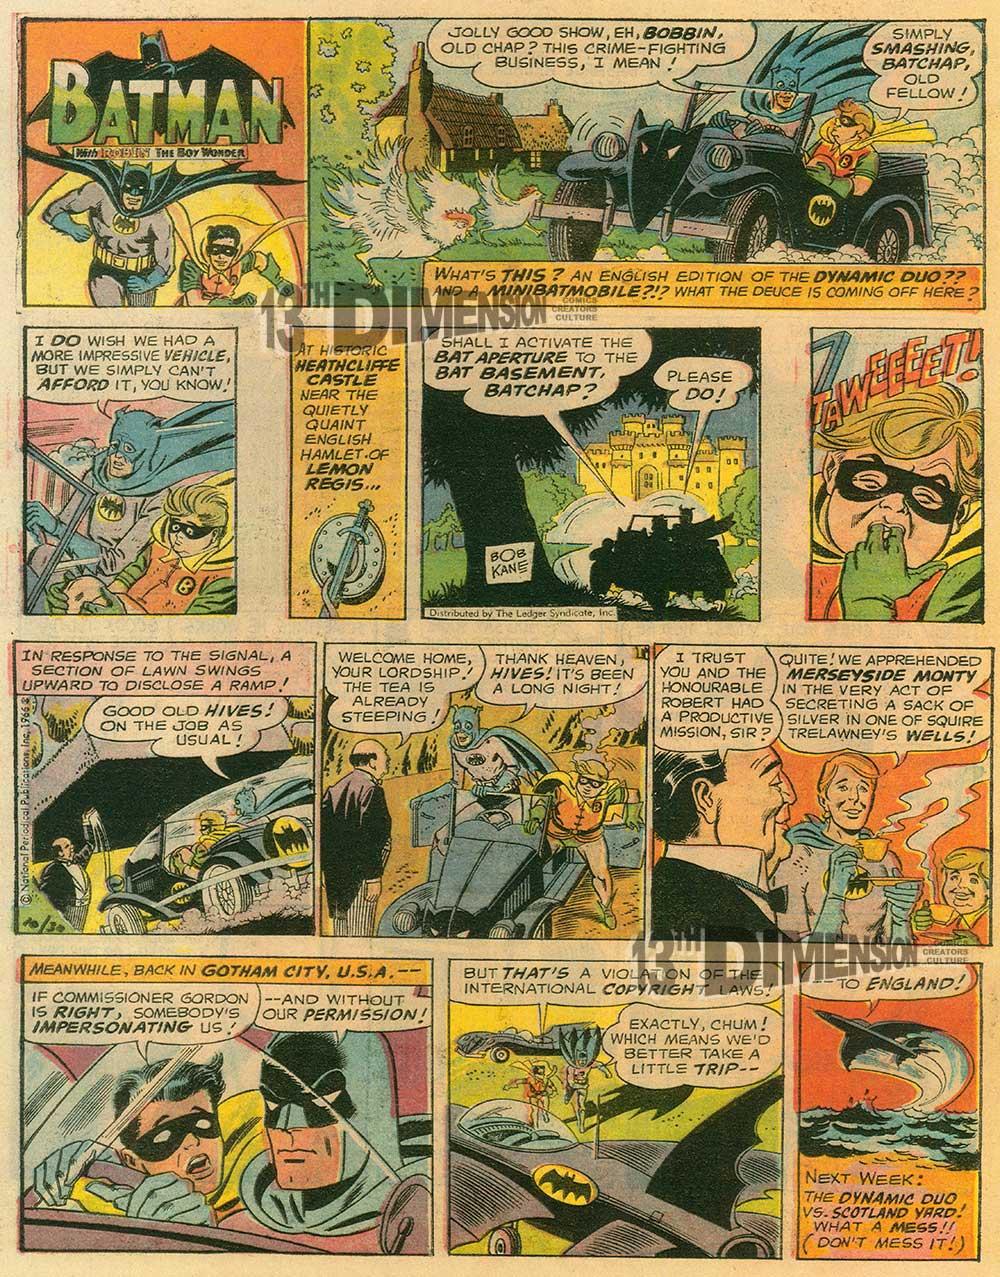 Tabloid version. Batman ™ and © 2014 DCComics.